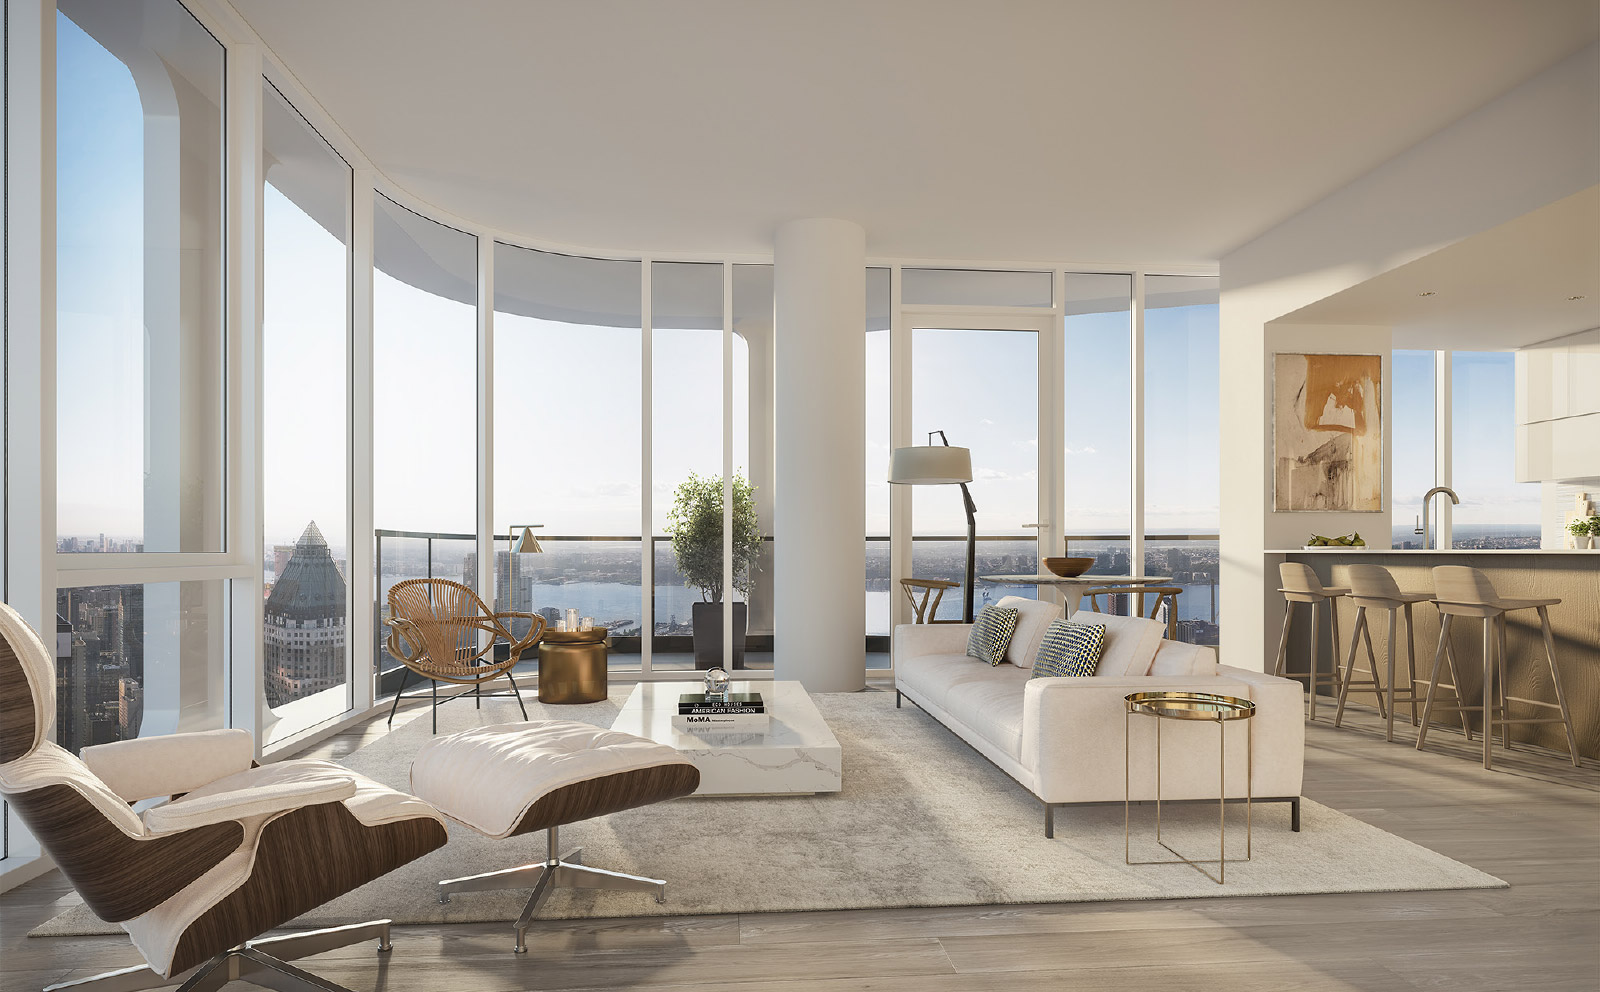 2 Bedroom Apartment Design Layouts Novocom Top